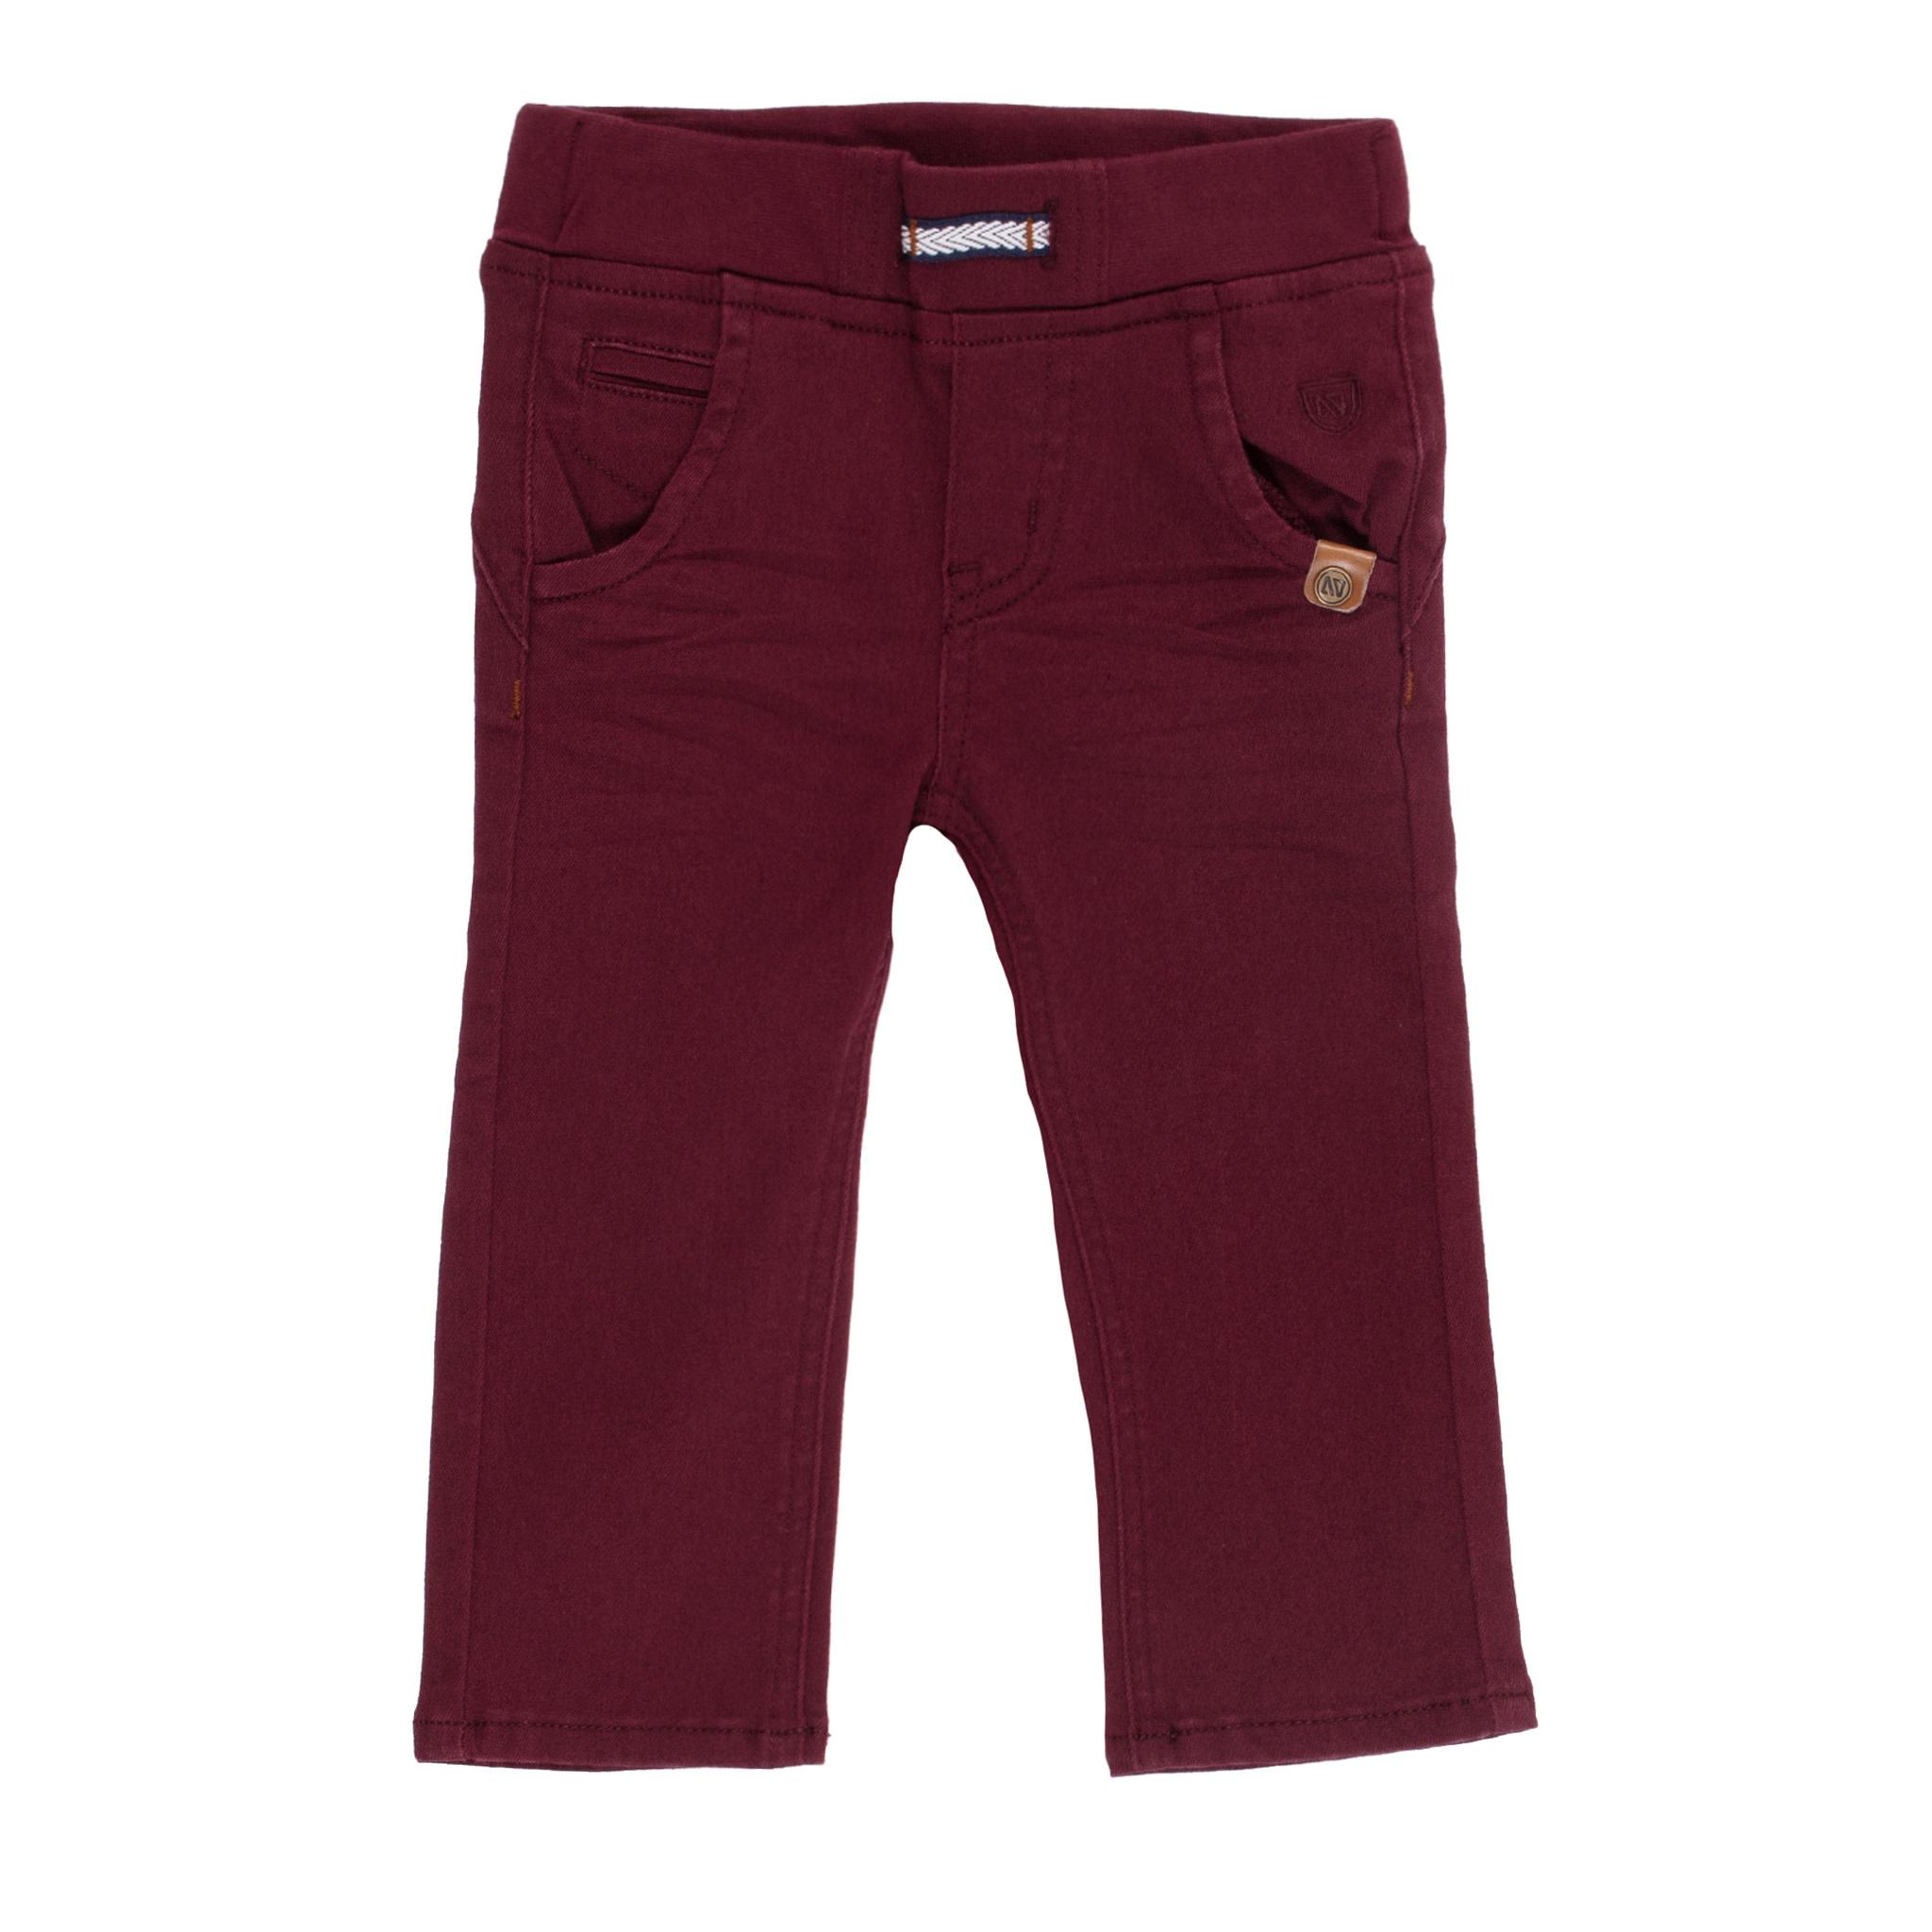 Pantalon extensible collection Pente École-1